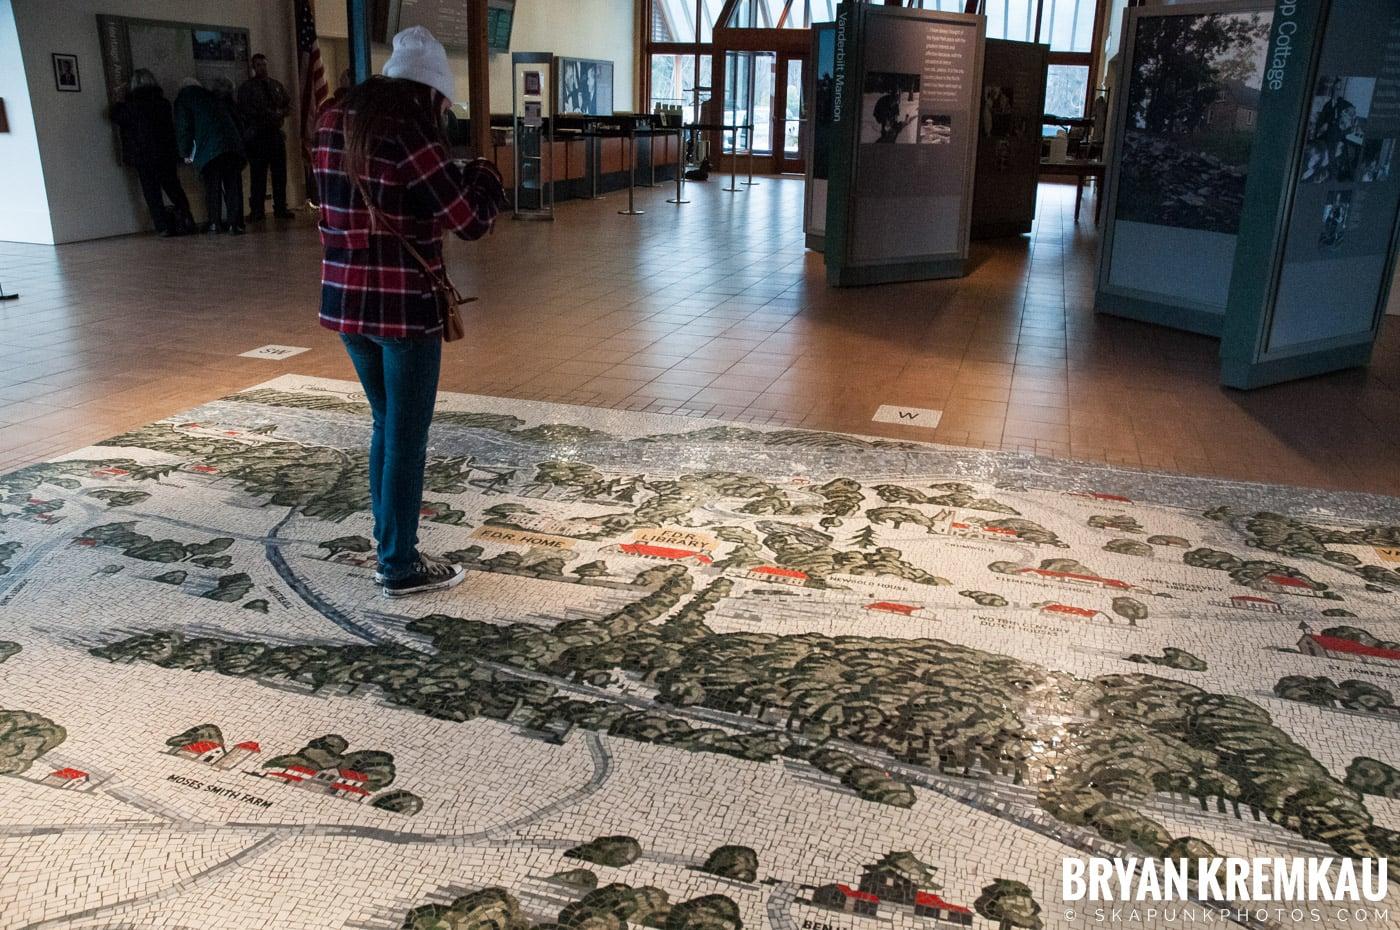 Valentine's Day Trip @ Rhinebeck, FDR's Home, Vanderbilt, Wilderstein Historic Site, NY - 2.14.10 (20)